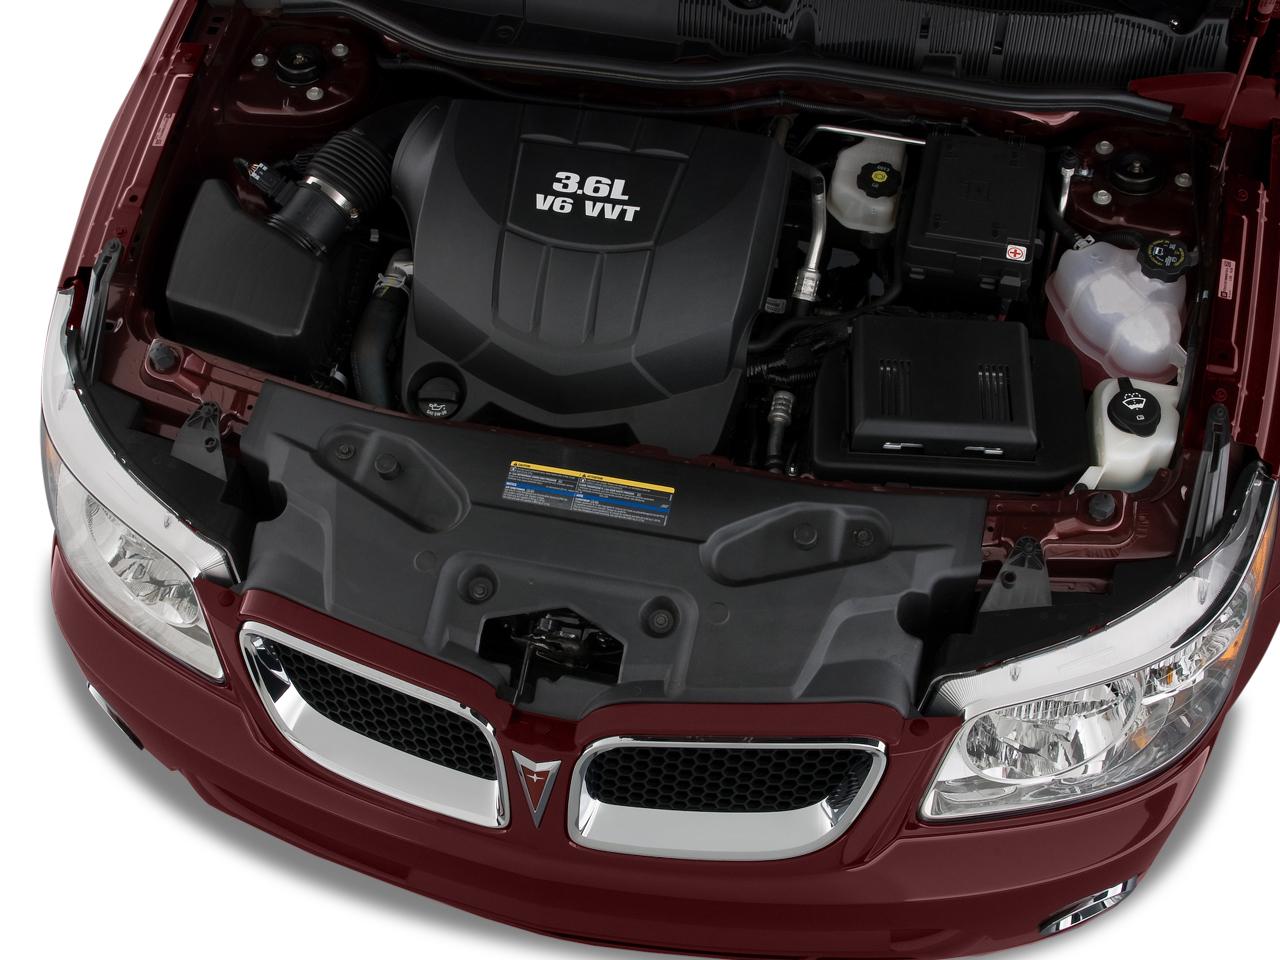 2008 Pontiac Torrent Gxp Latest News Features And Auto Show Ponac G8 V8 Engine Diagram 44 136